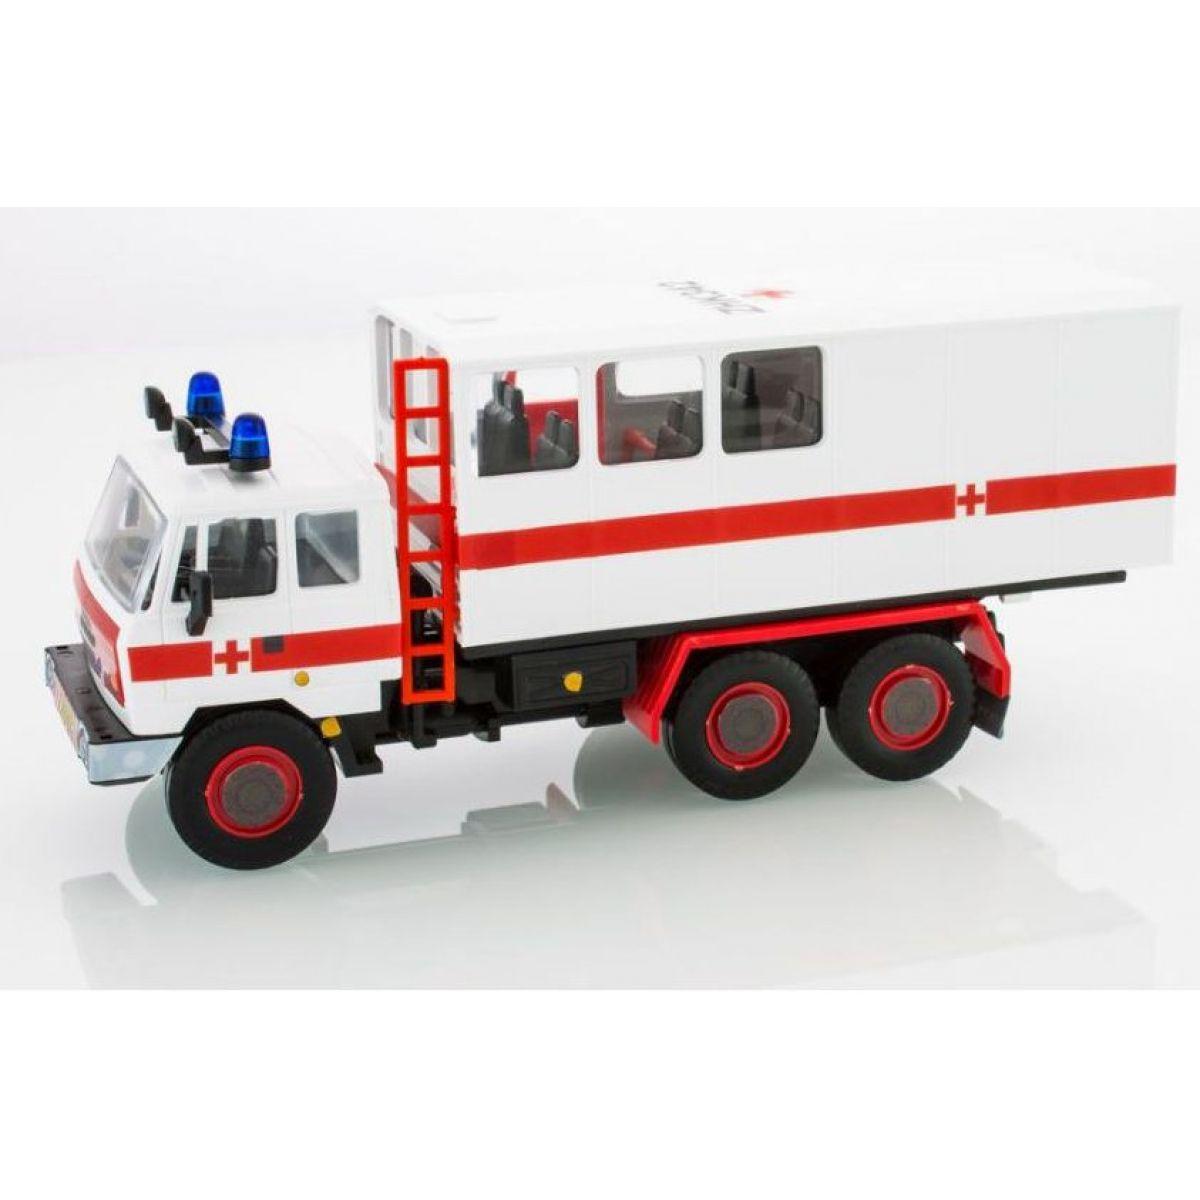 Monti System 12.3 Tatra 815 Ambulance Záchranná služba 1:48 Vista